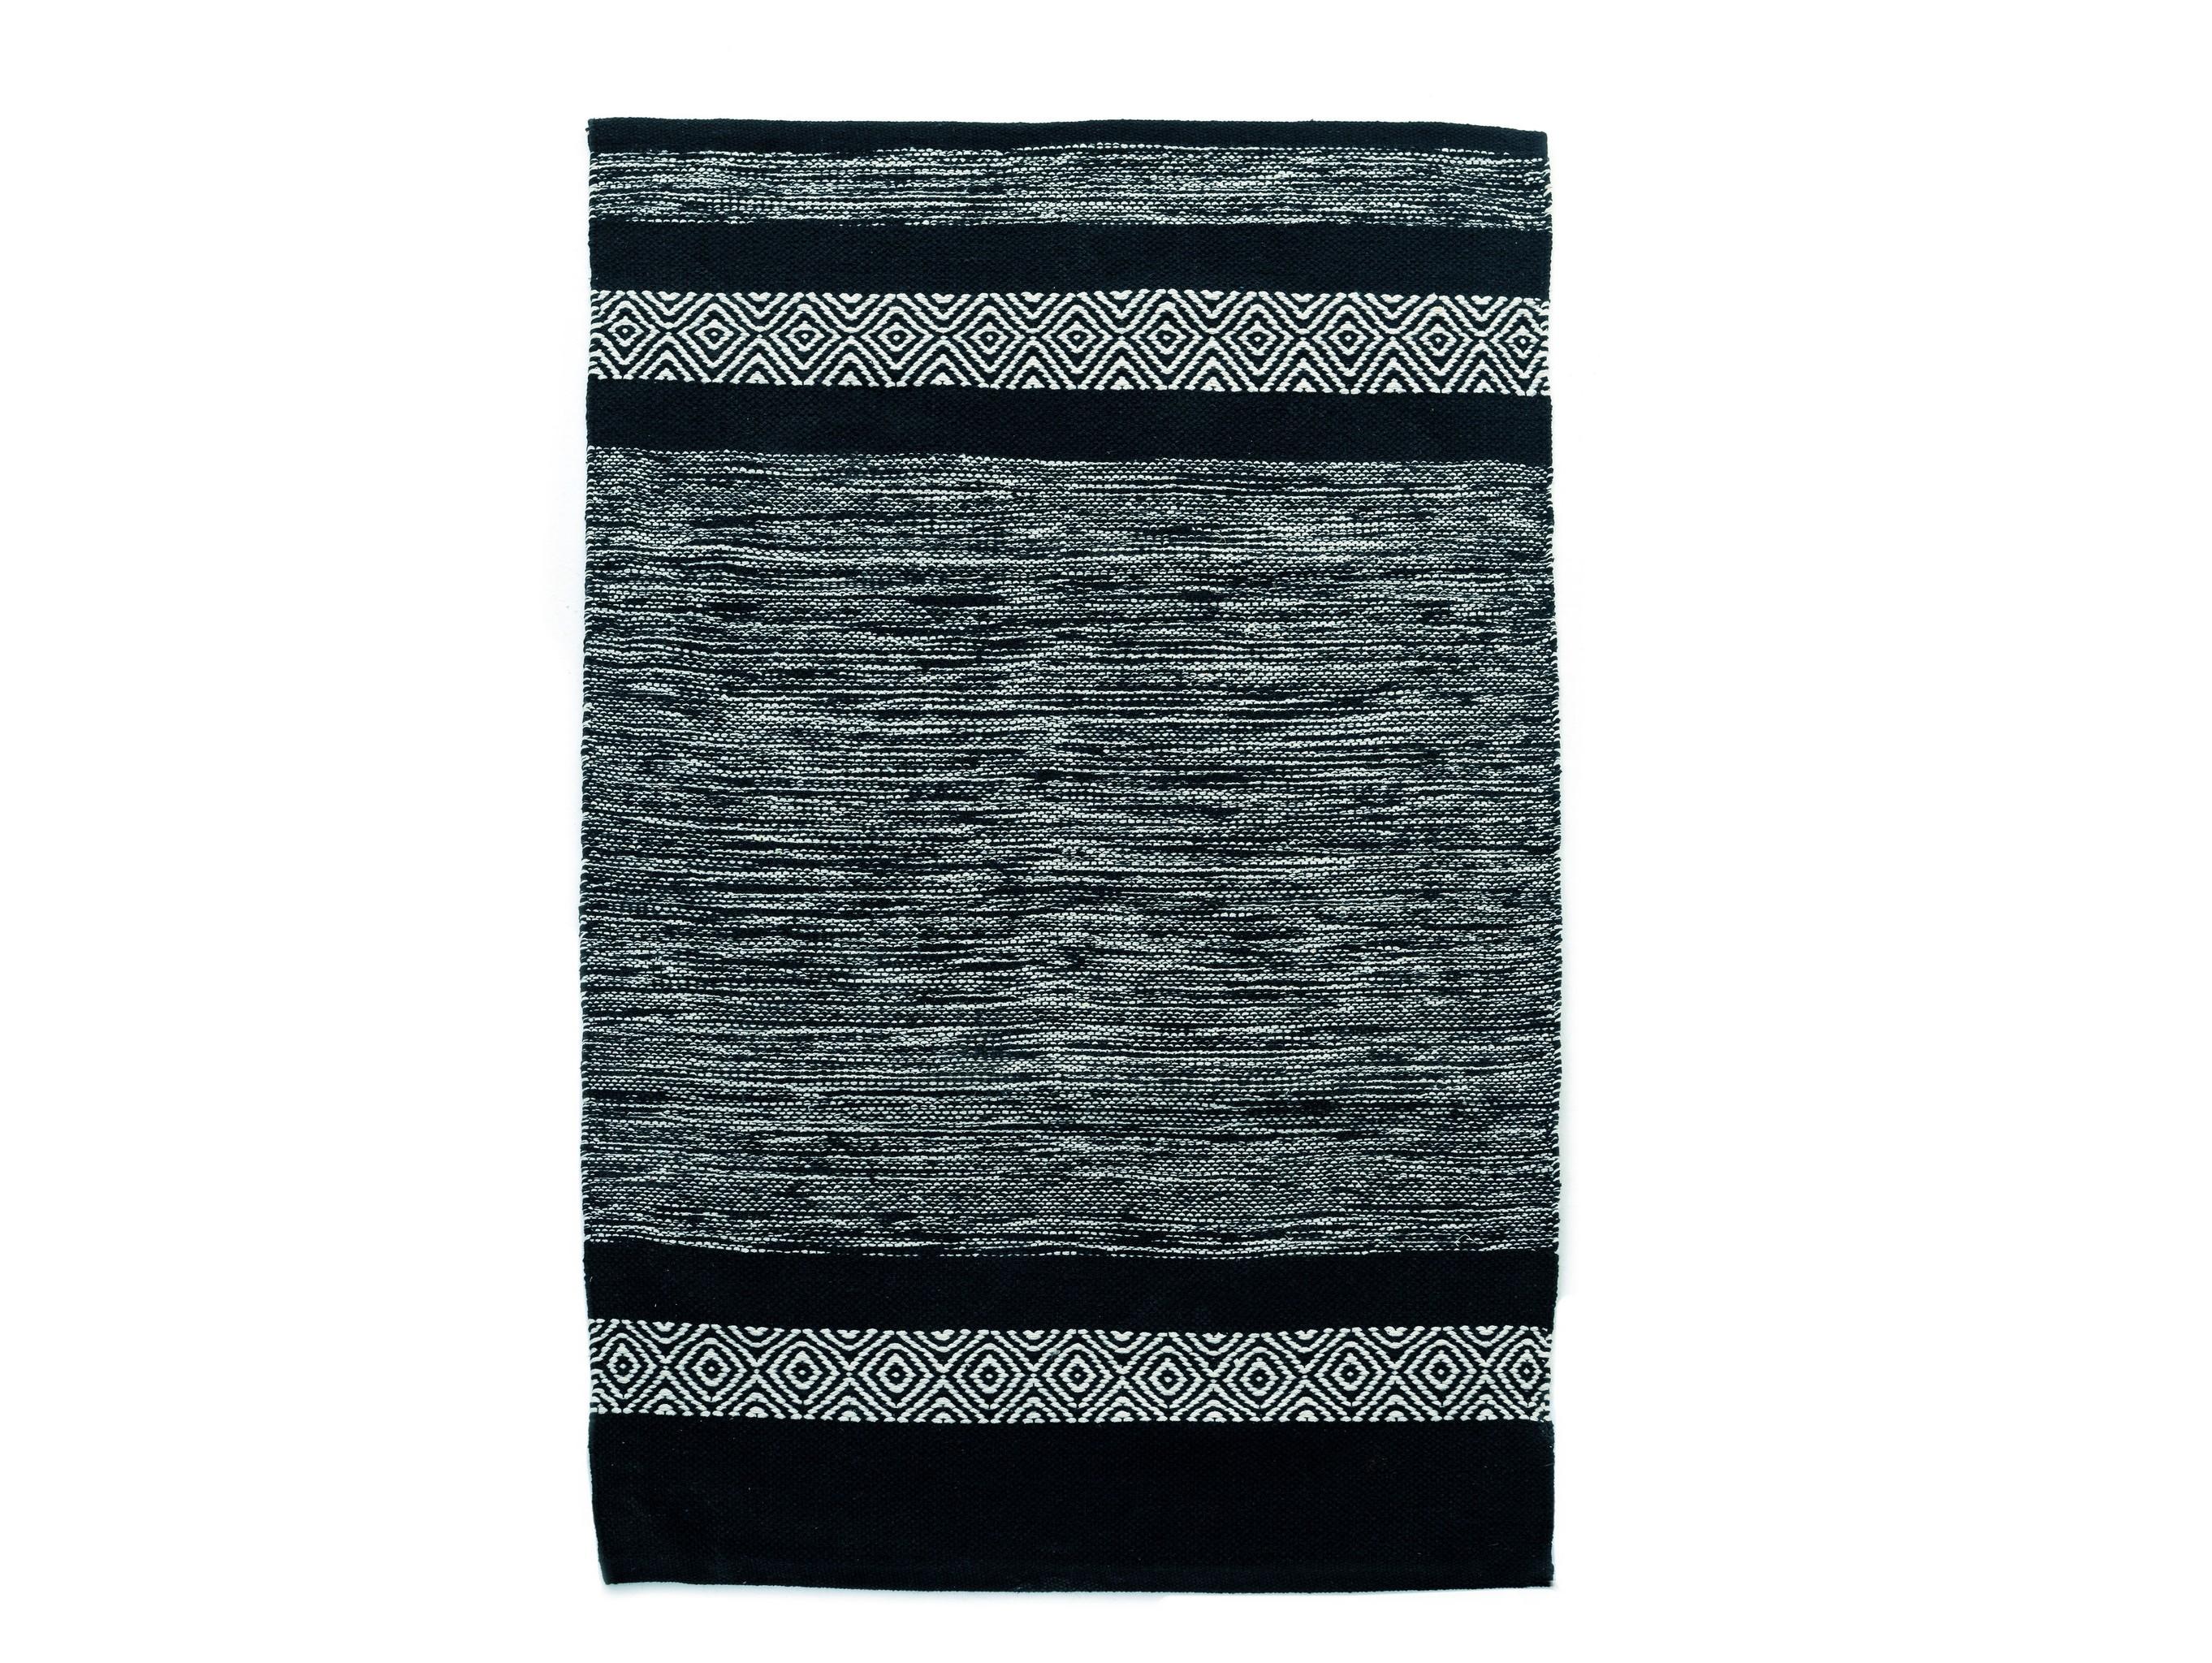 Ковер LeahПрямоугольные ковры<br><br><br>Material: Текстиль<br>Width см: 70<br>Depth см: 100<br>Height см: 1